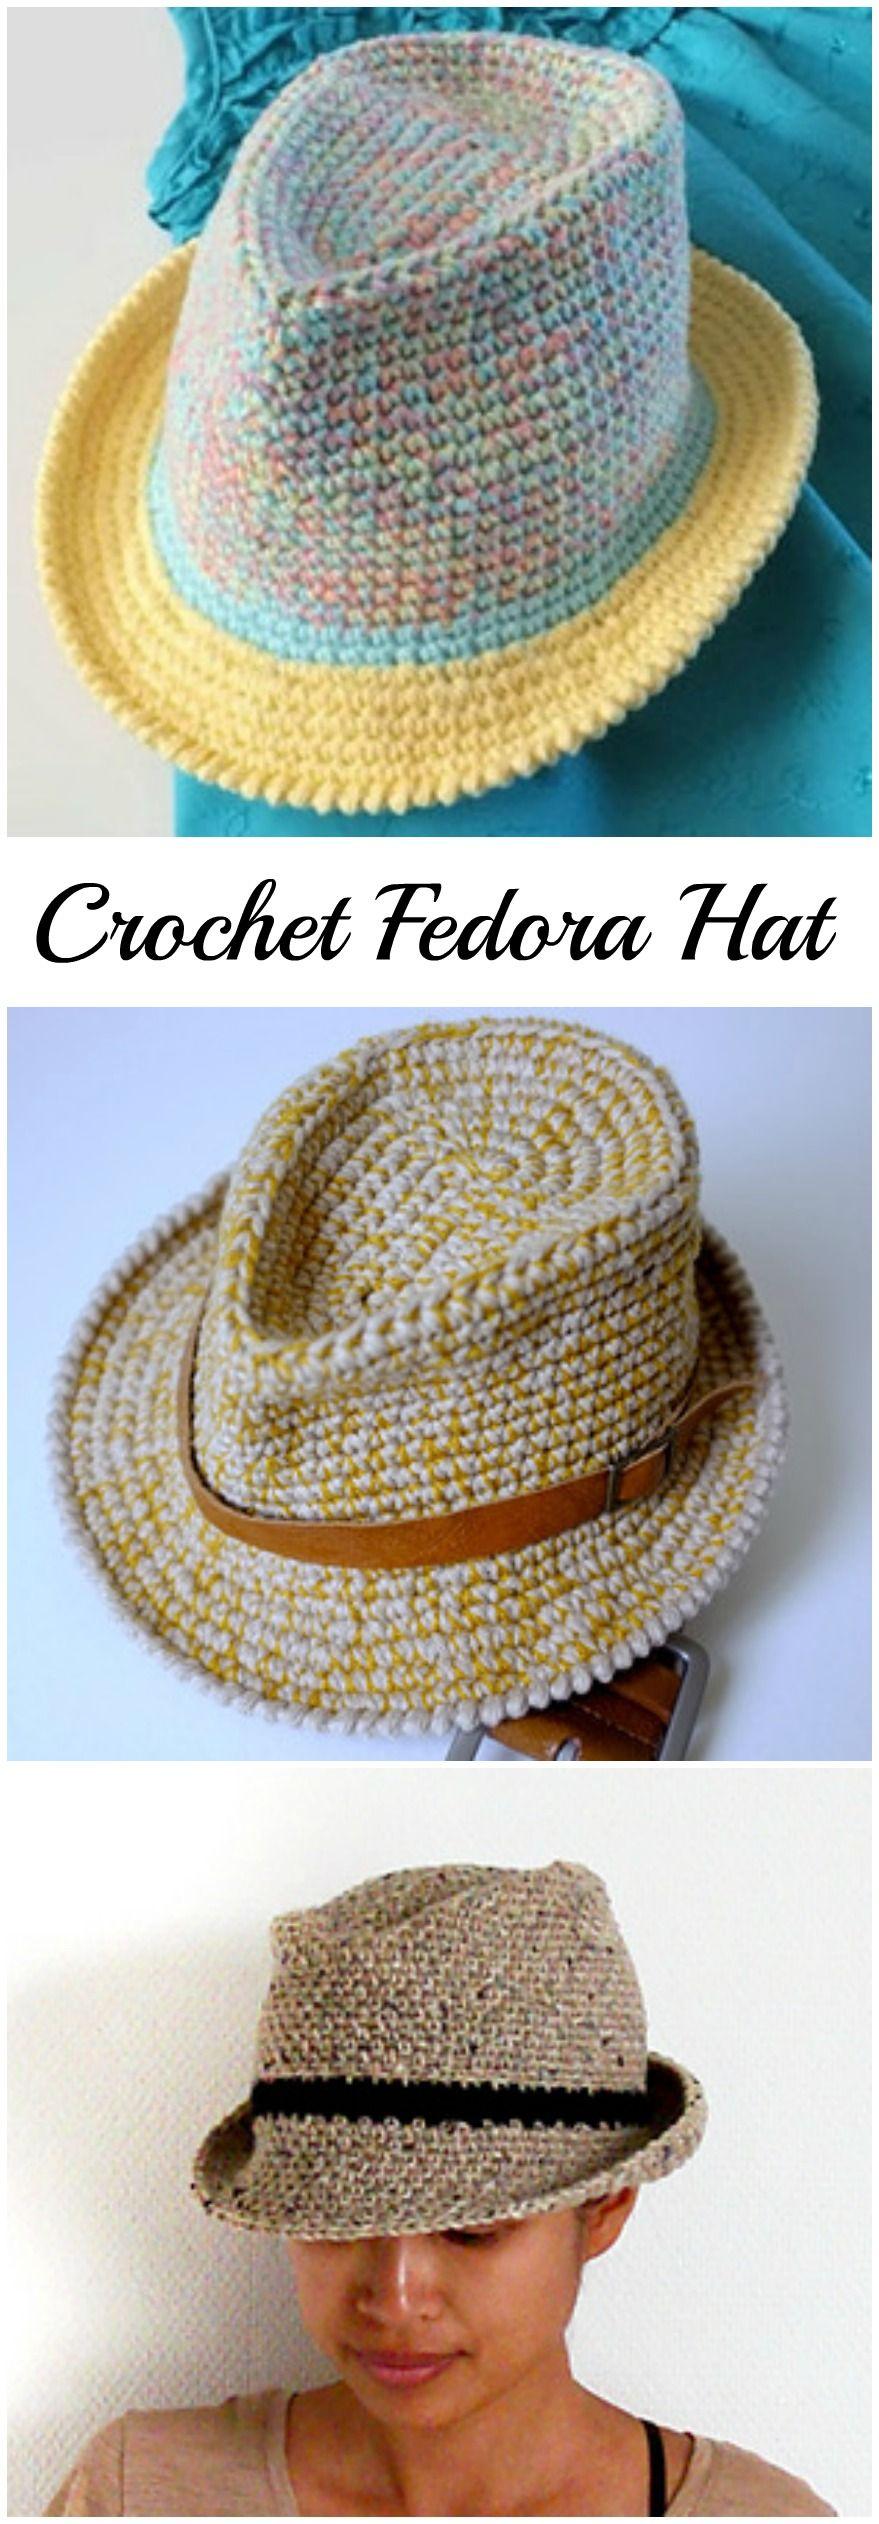 Crochet Fedora Hat (Video+Pattern   Häkeln, Hüte und Häkelmuster